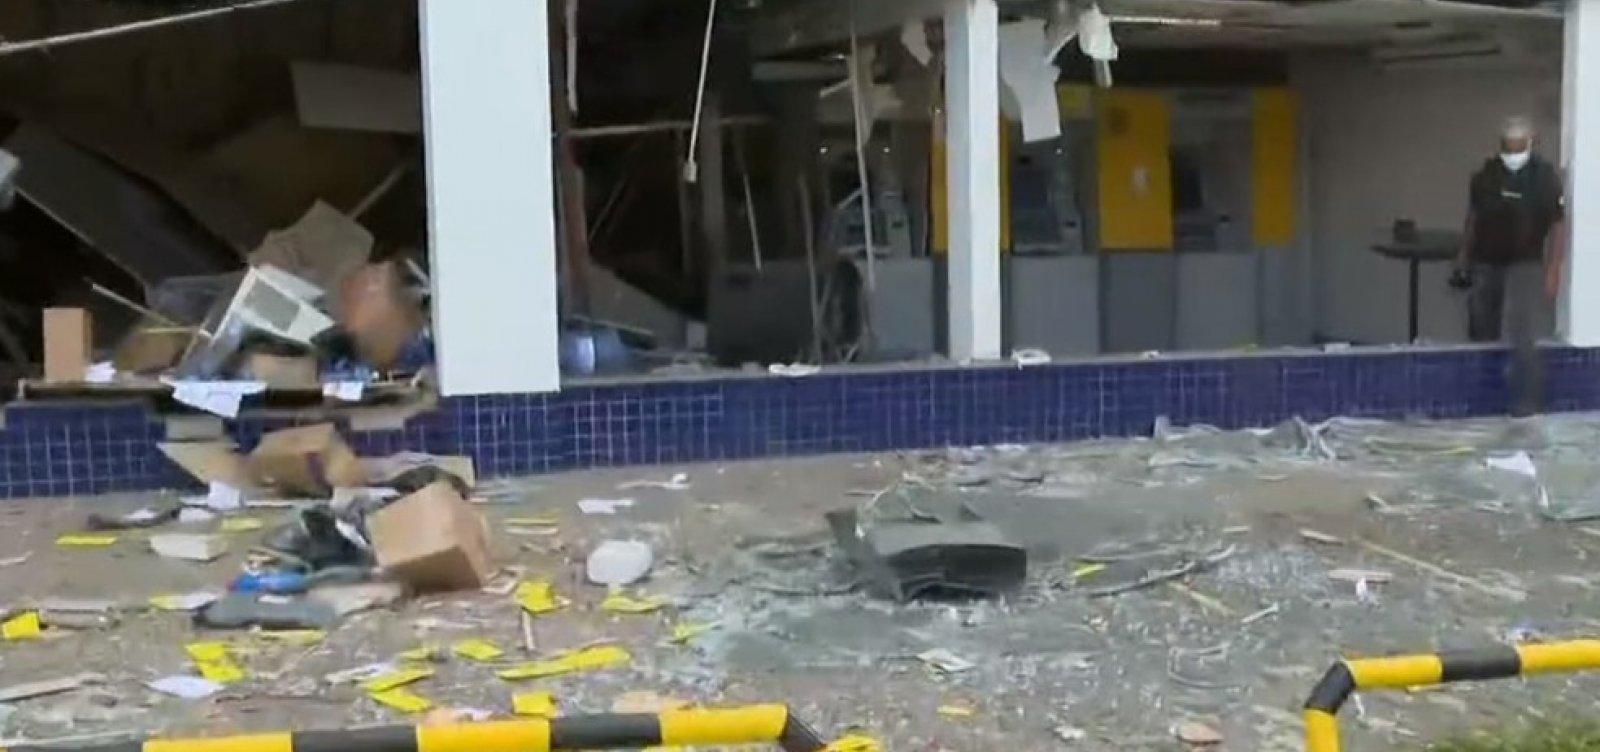 Pandemia tem impulsionado ataques a bancos na Bahia, diz analista em segurança